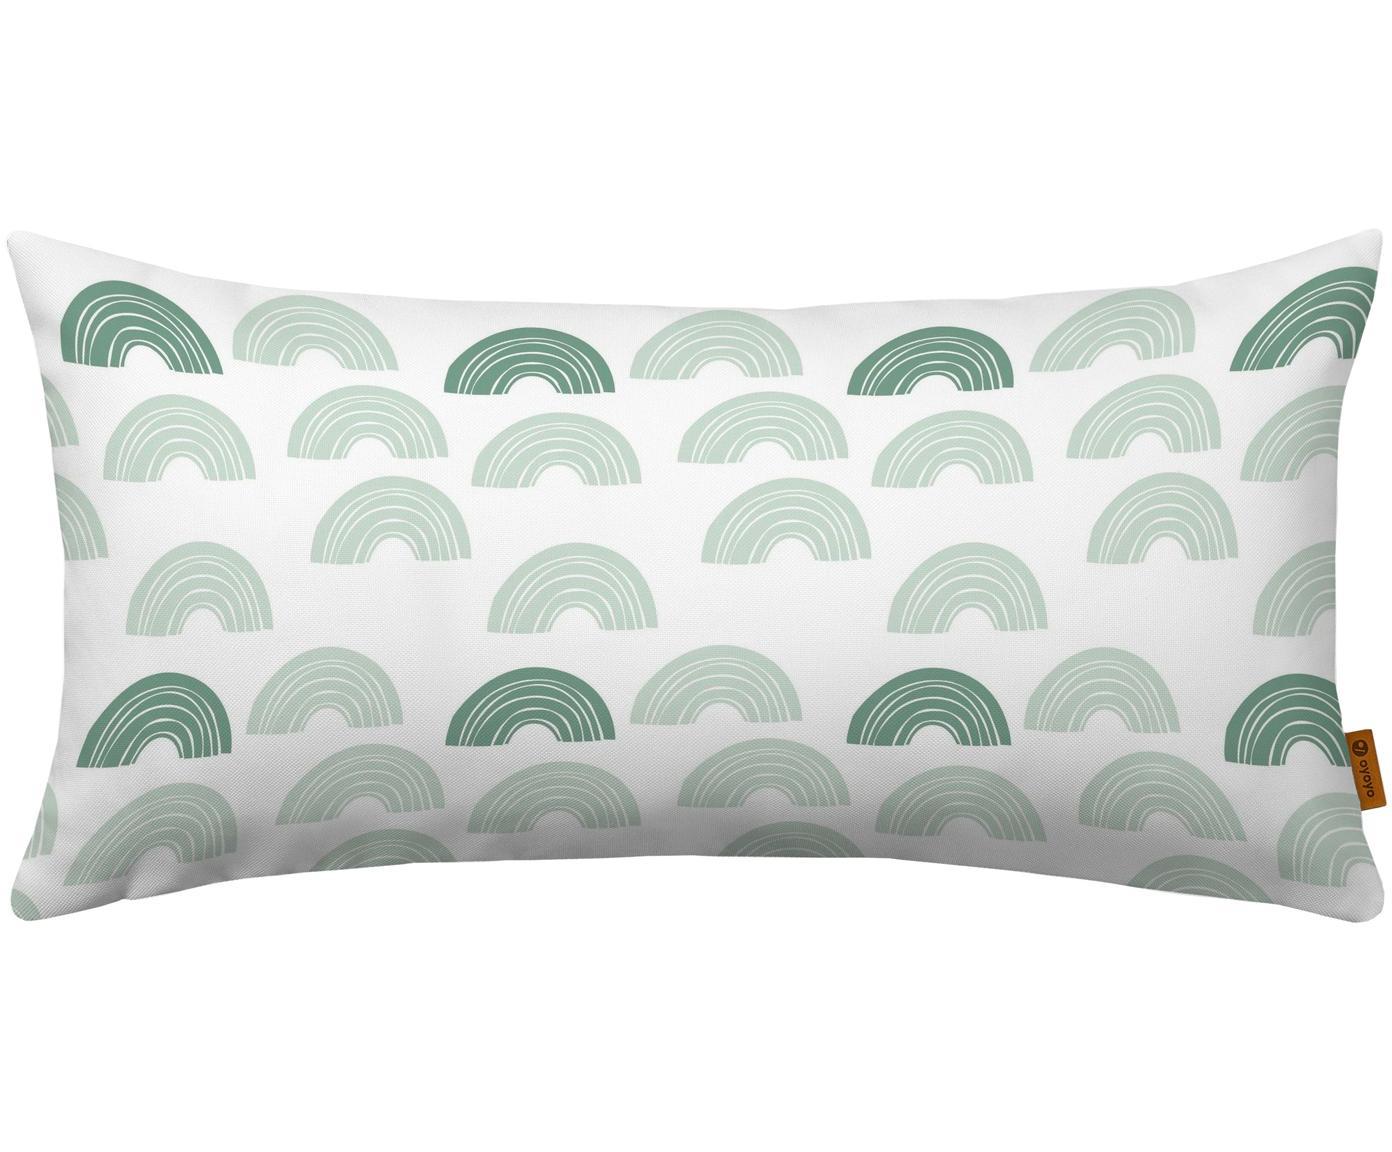 Kissen Regenbogenträume aus Bio-Baumwolle, mit Inlett, Bezug: Baumwolle, Weiss, Mintgrün, Grün, 30 x 60 cm